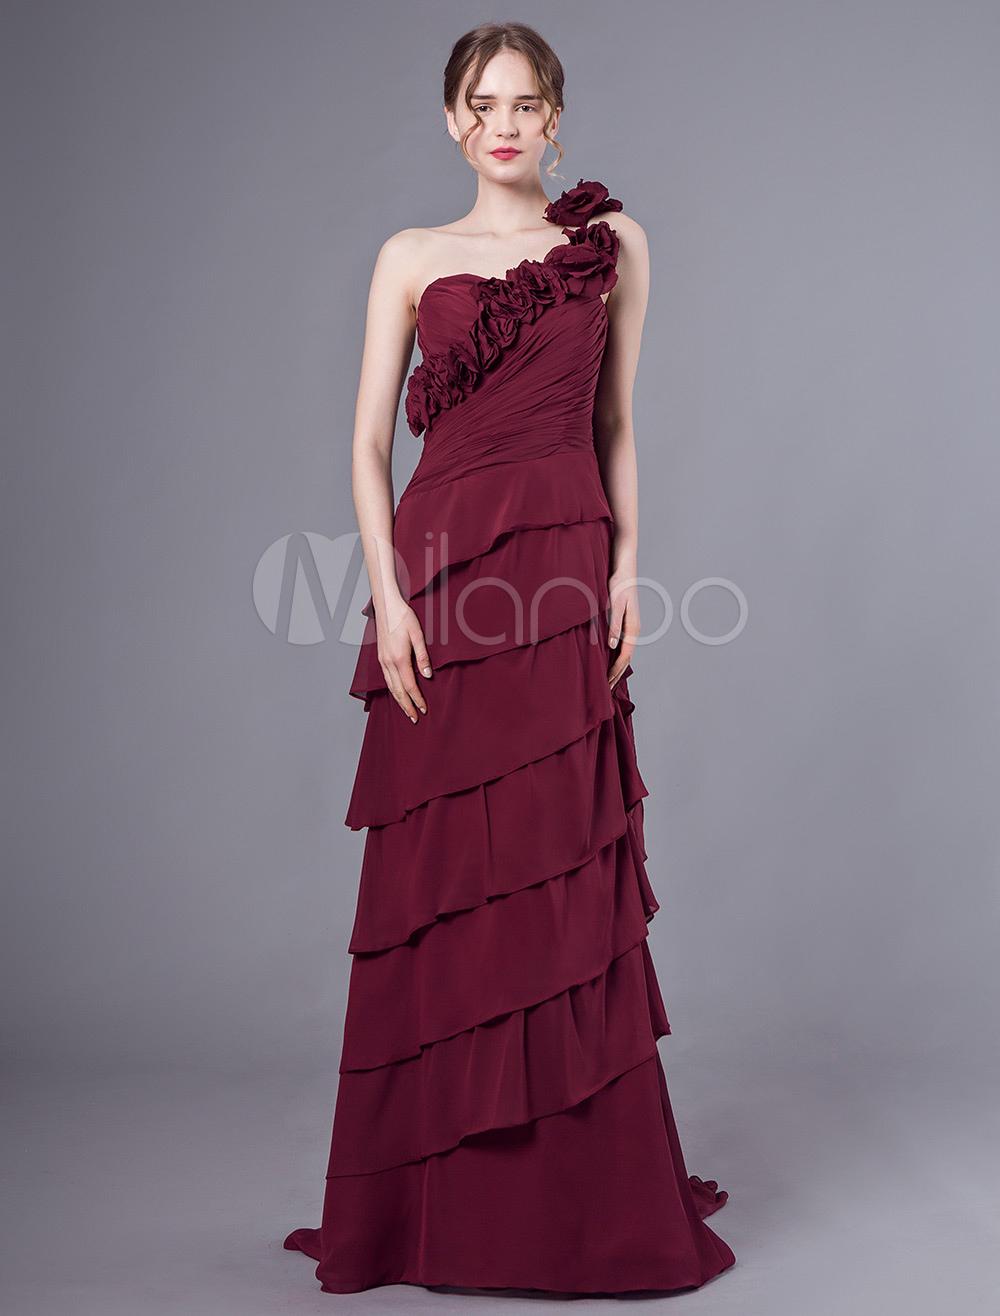 ballkleider rubin ball kleider chiffon hochzeit etui- abendkleider mit  court-schleppe einschulter ärmellos formelle kleider und schnürung 30cm